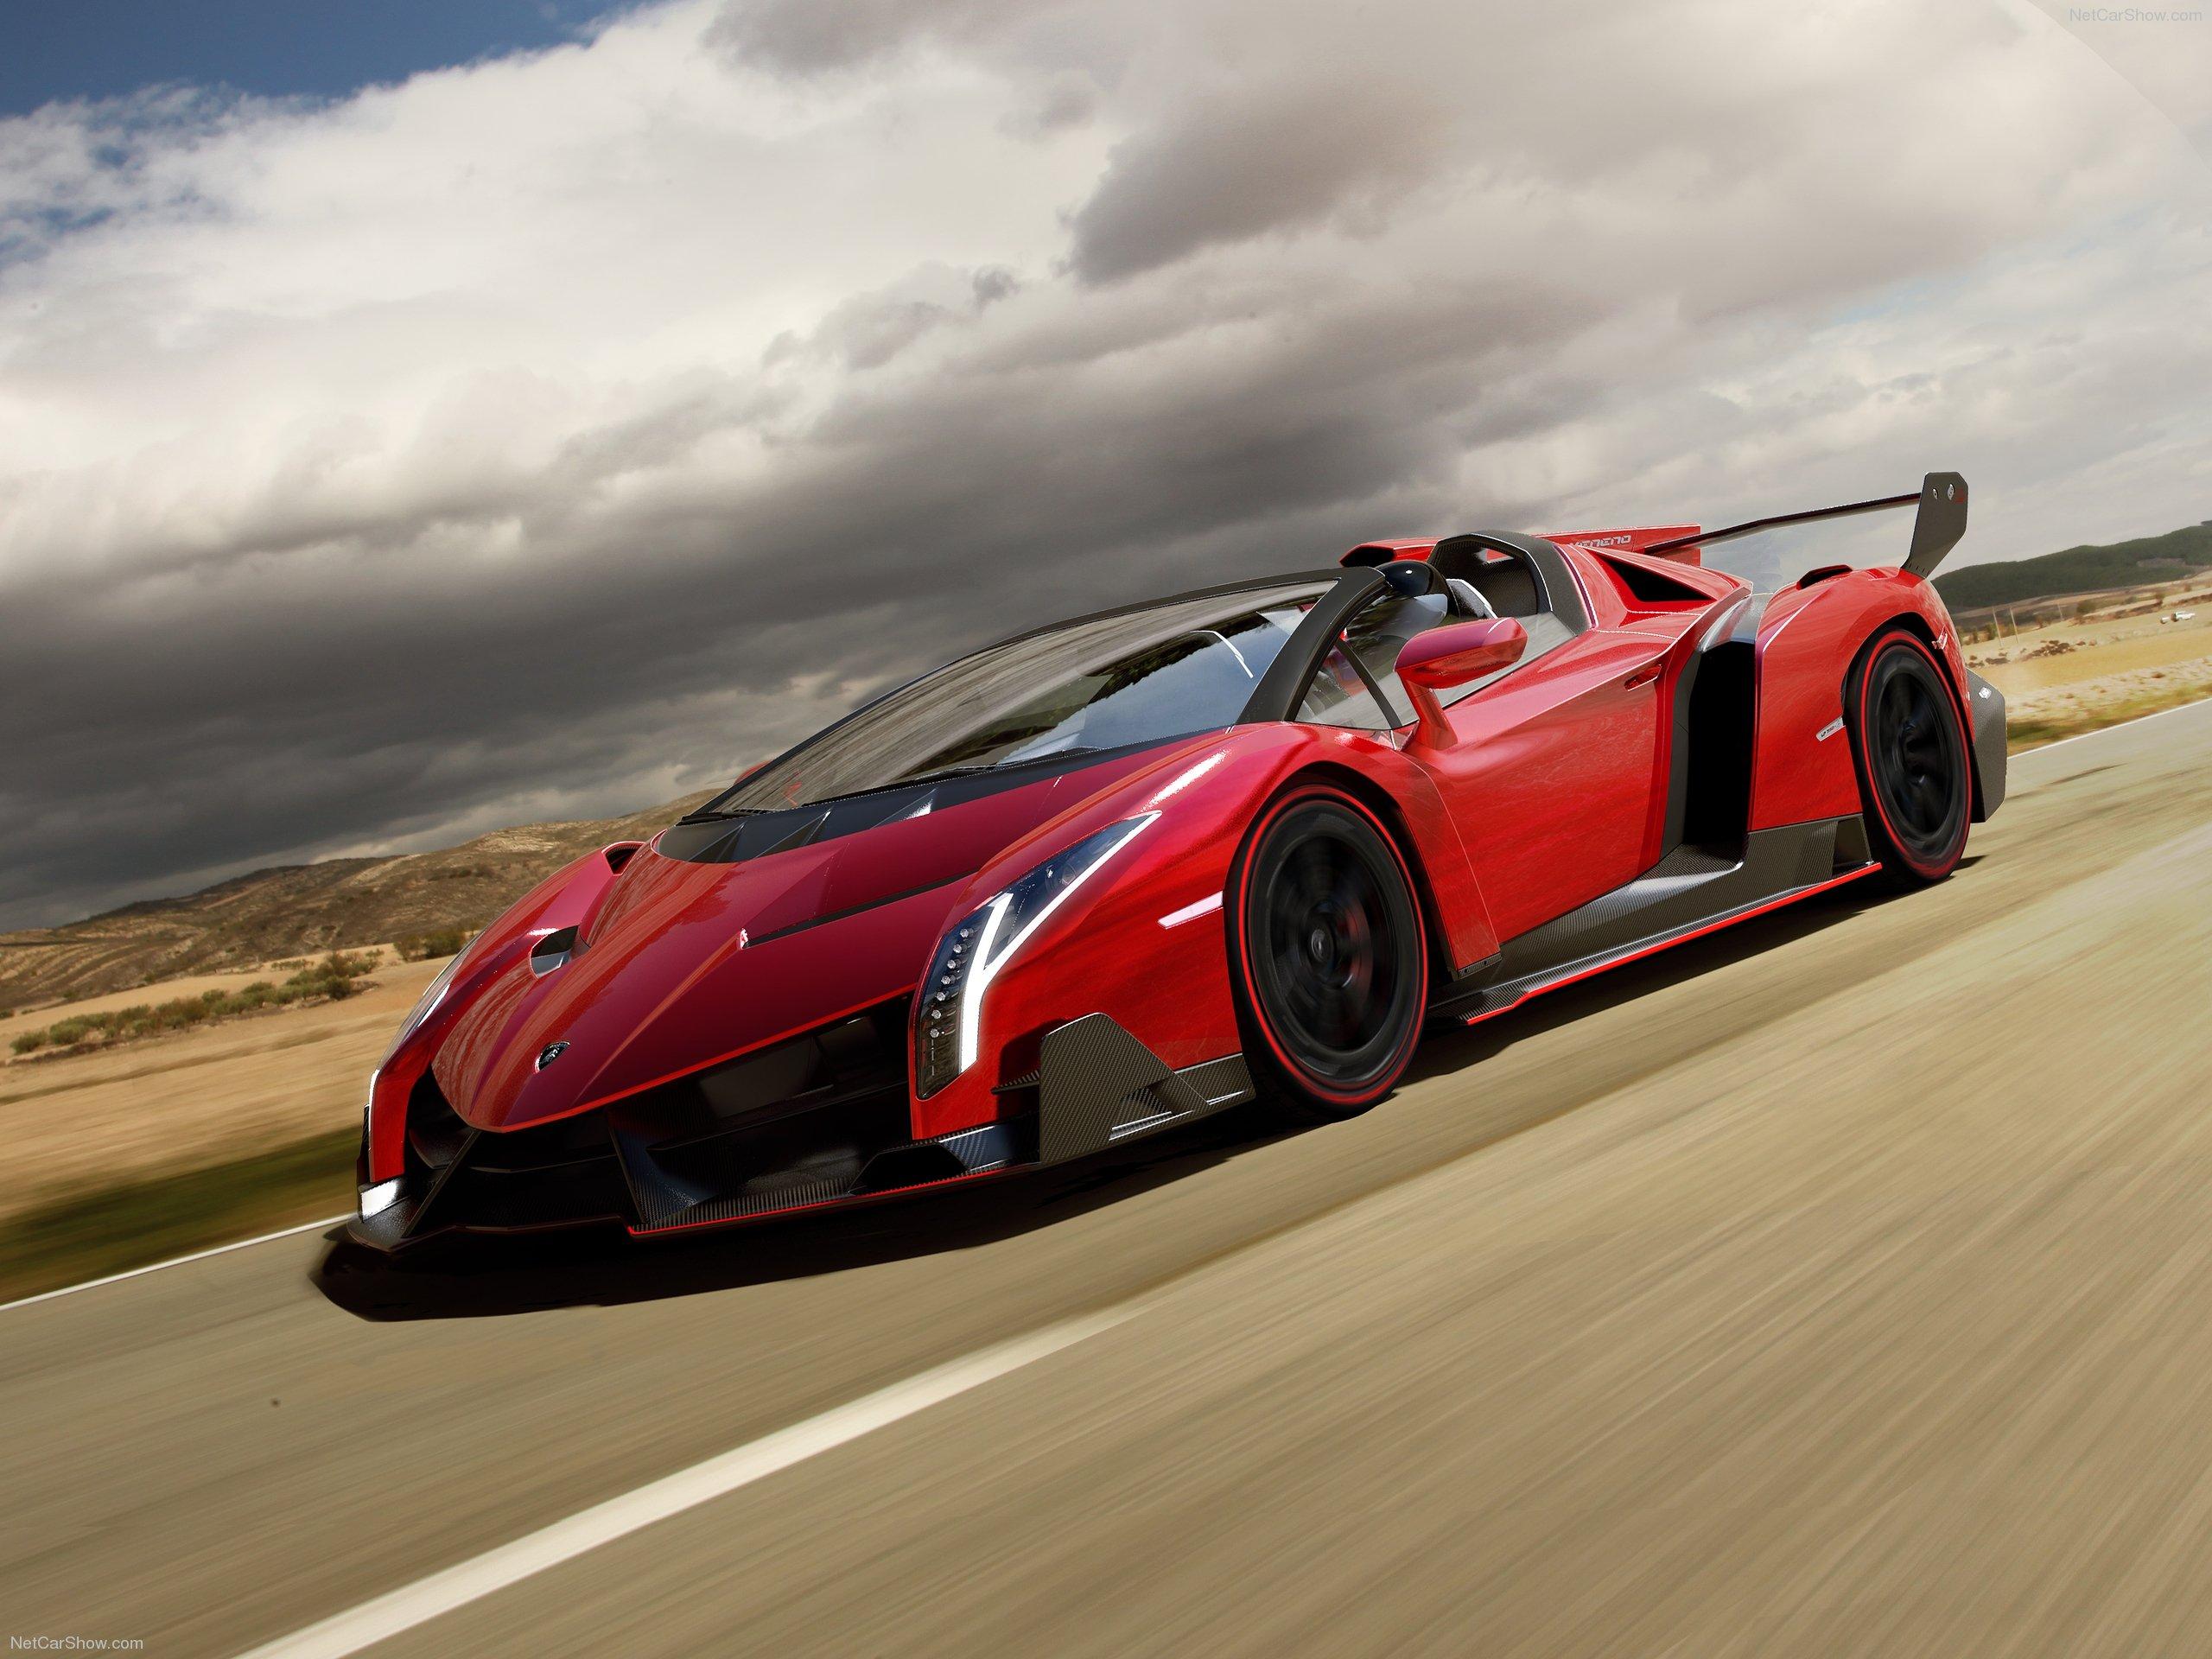 Lamborghini Veneno Fondos De Pantalla Fondos De